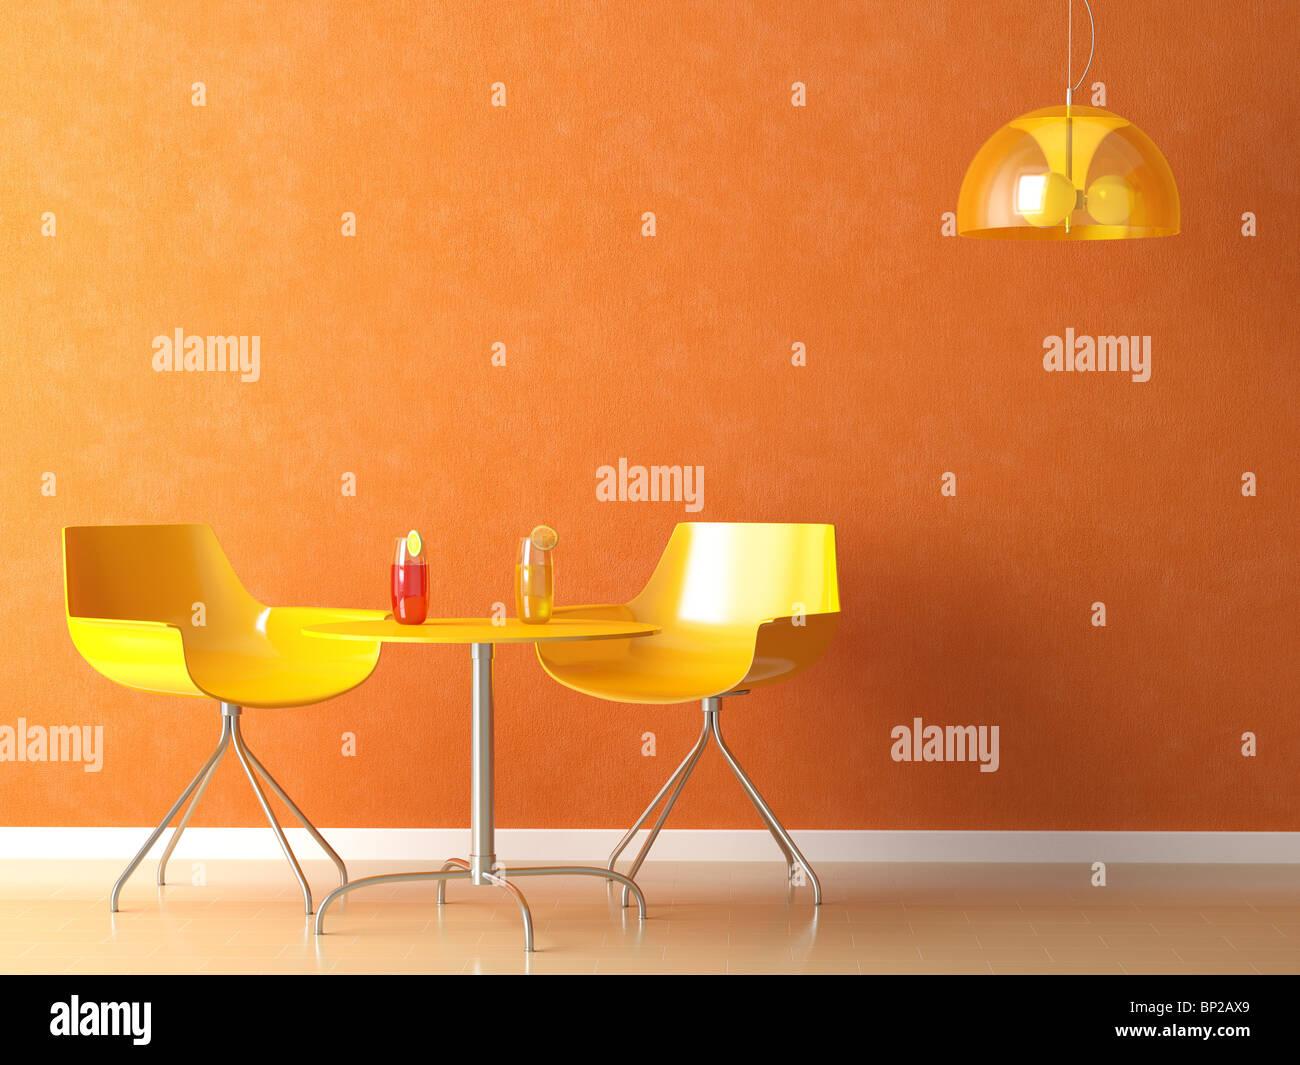 3D render scena di un moderno coffee-shop tavolo e sedia in arancione e in colore giallo Immagini Stock